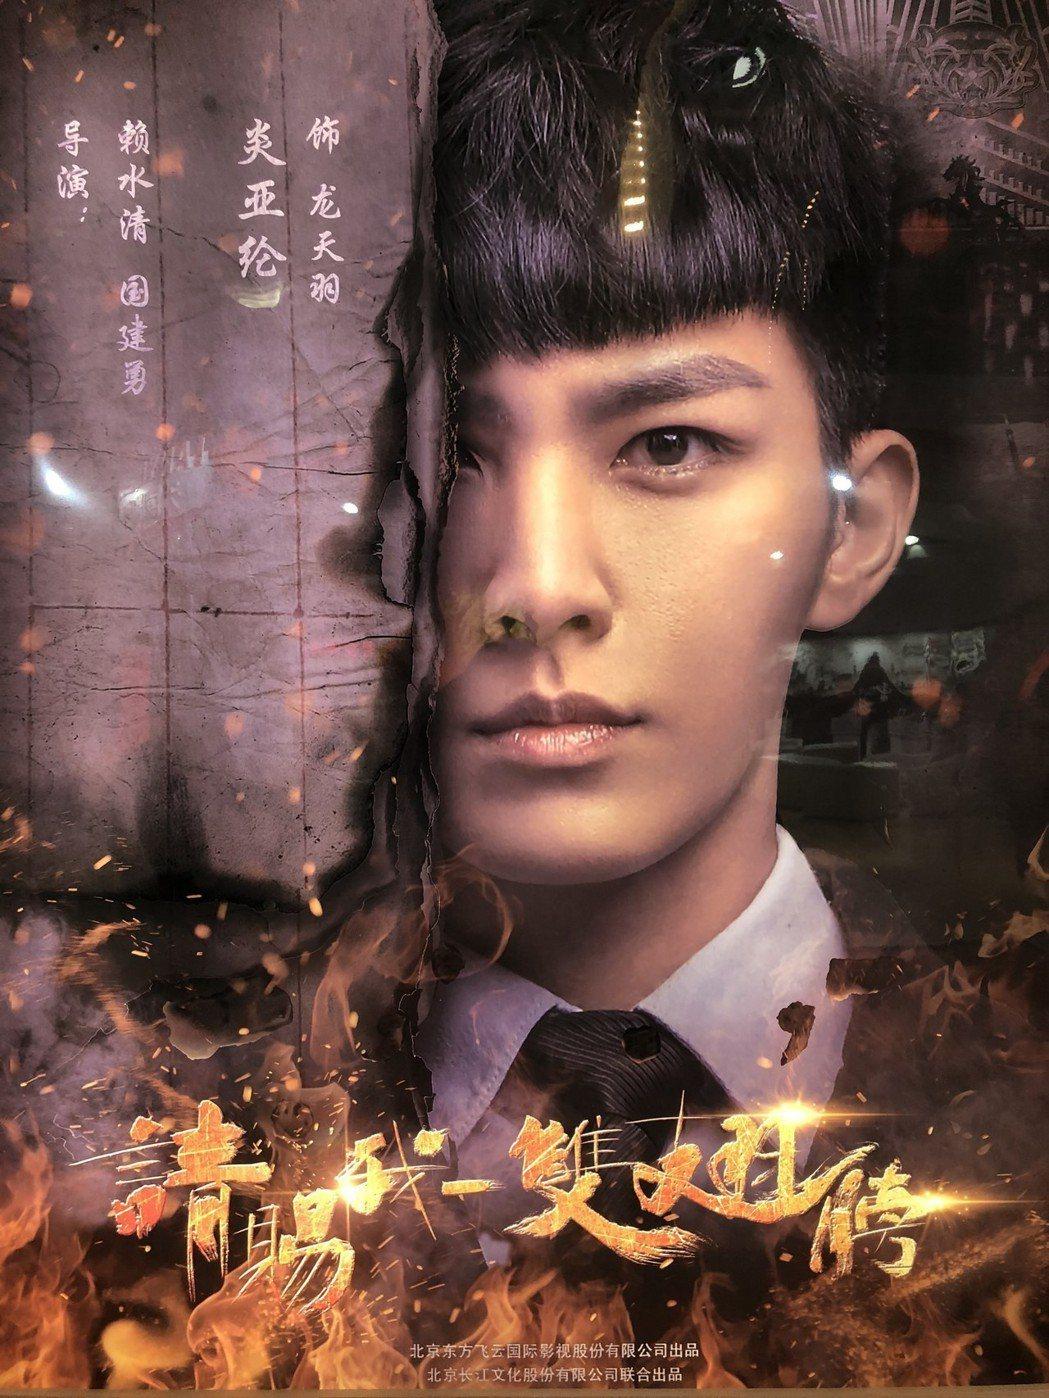 炎亞綸掛男一主演的「請賜我一雙翅膀」在北京電視節海報十分醒目。記者楊起鳳/翻攝